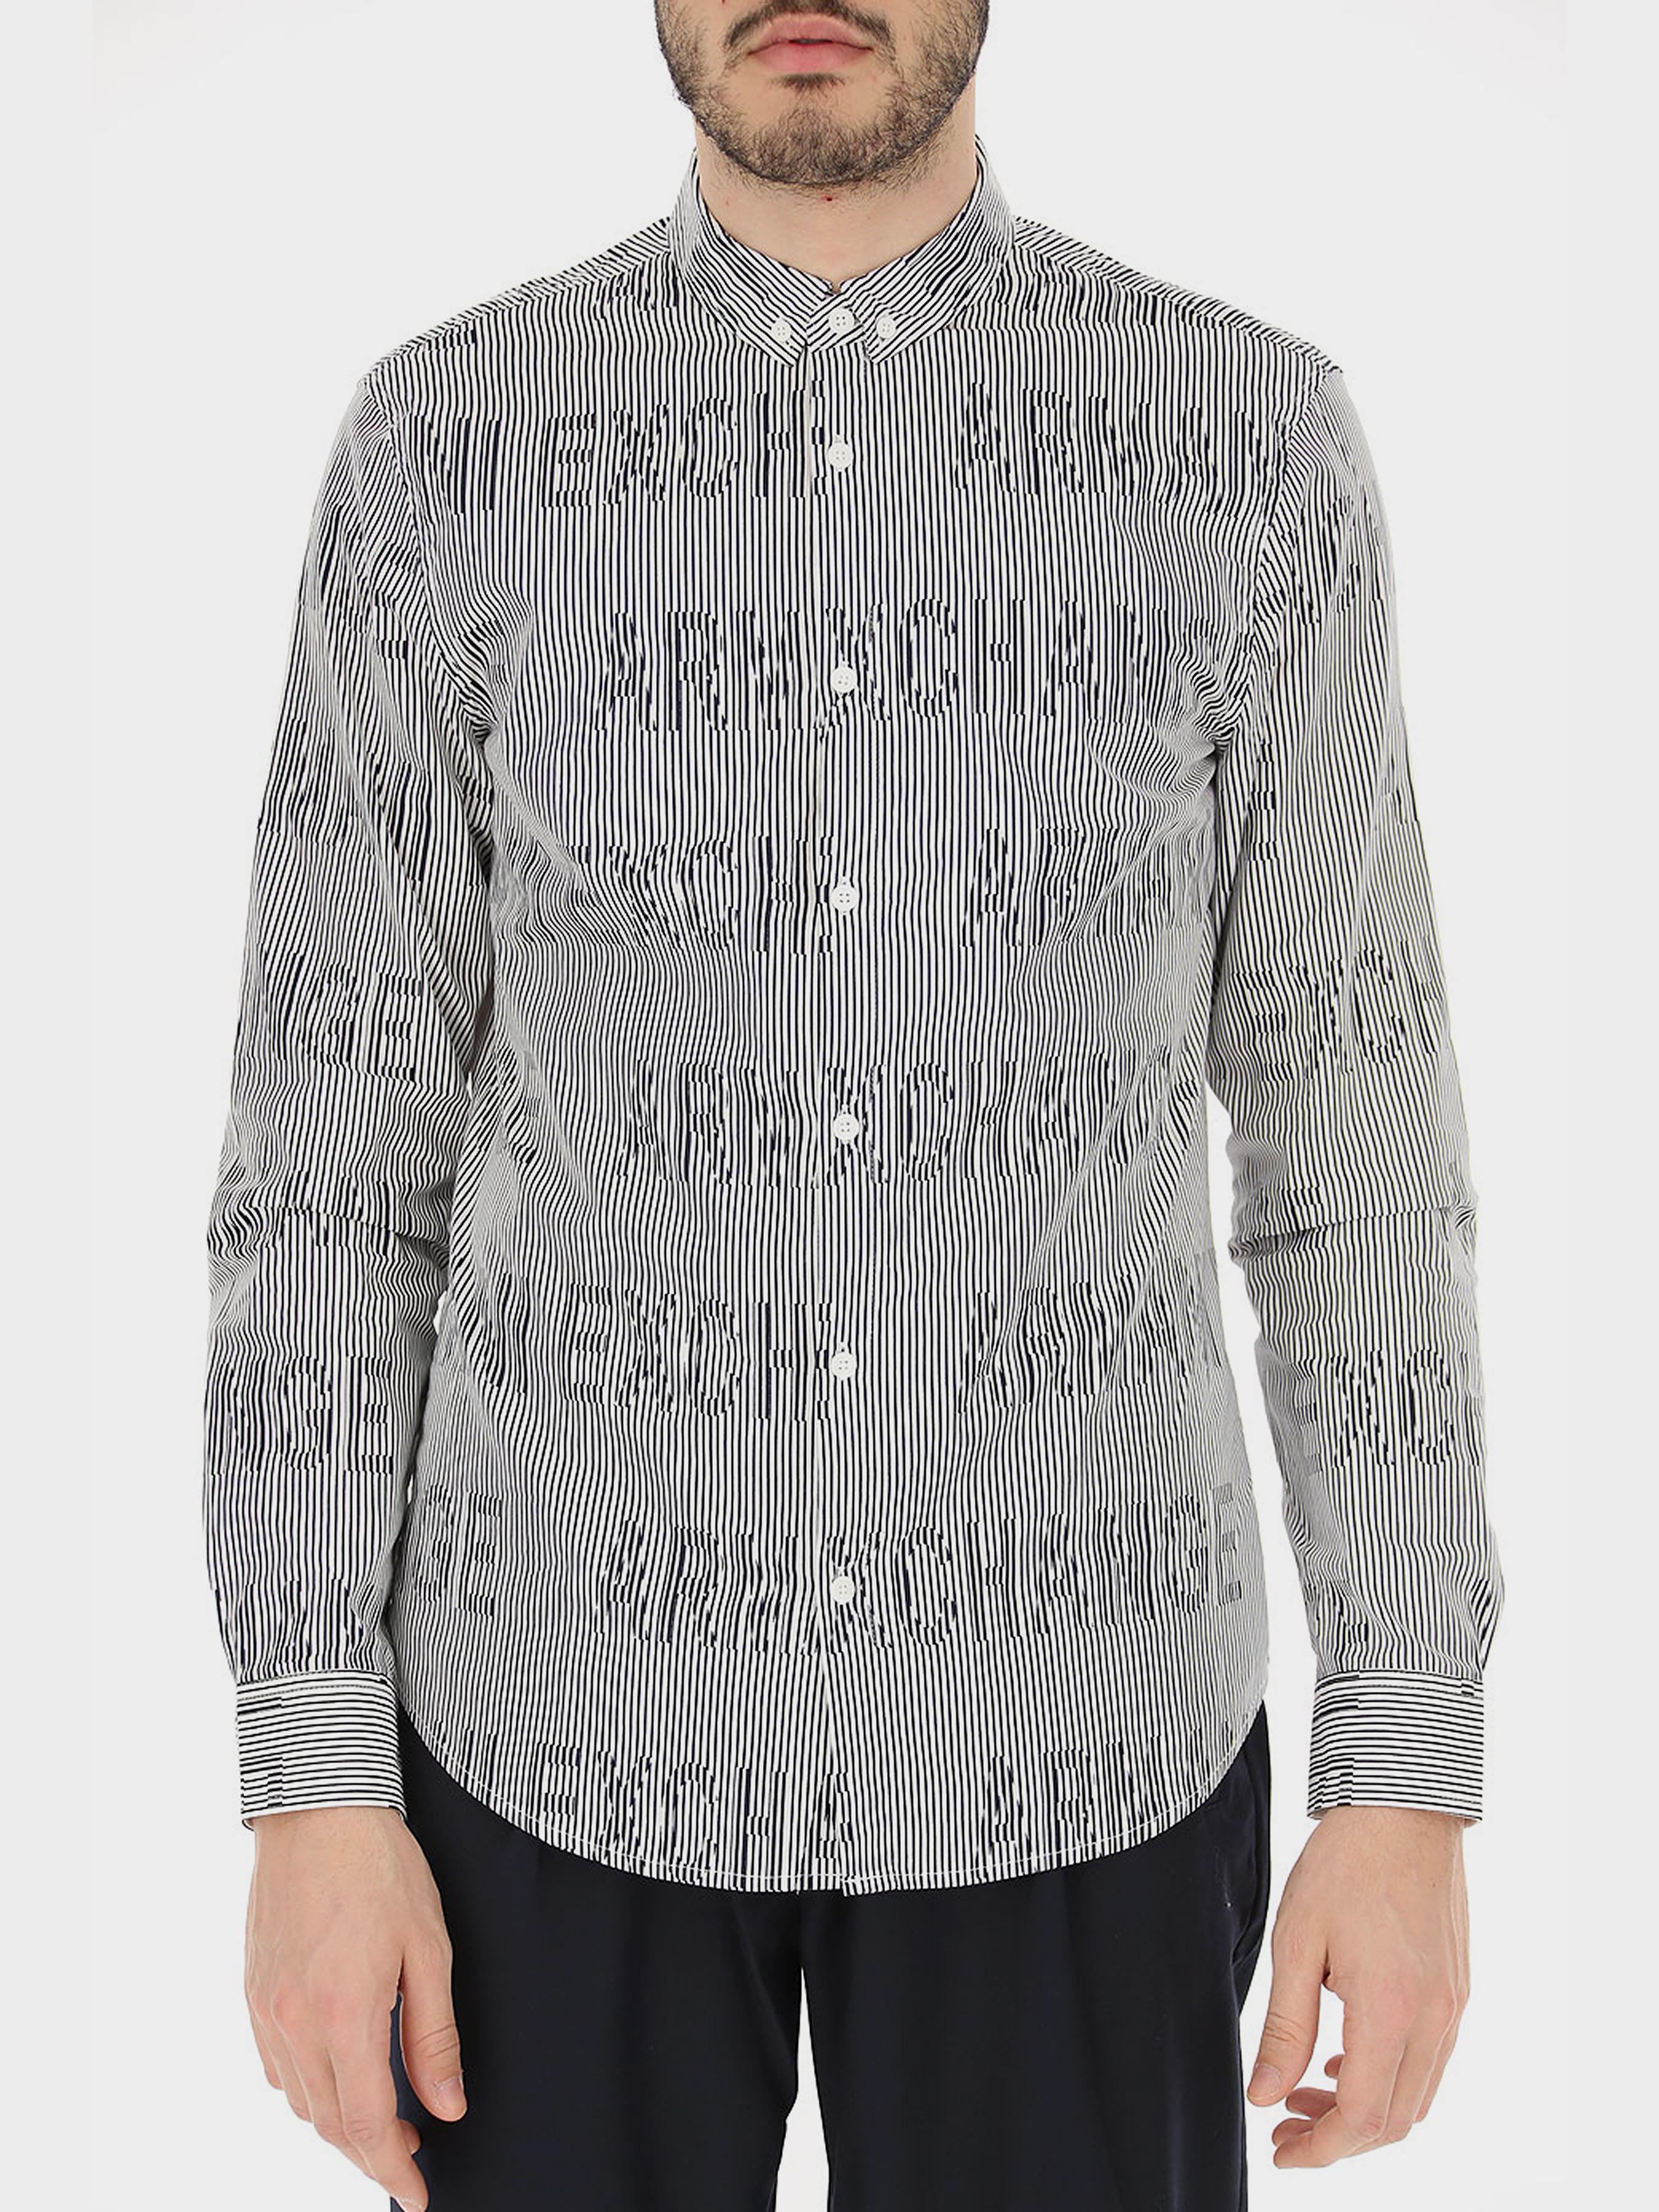 Рубашка мужские Armani Exchange модель WH2003 цена, 2017